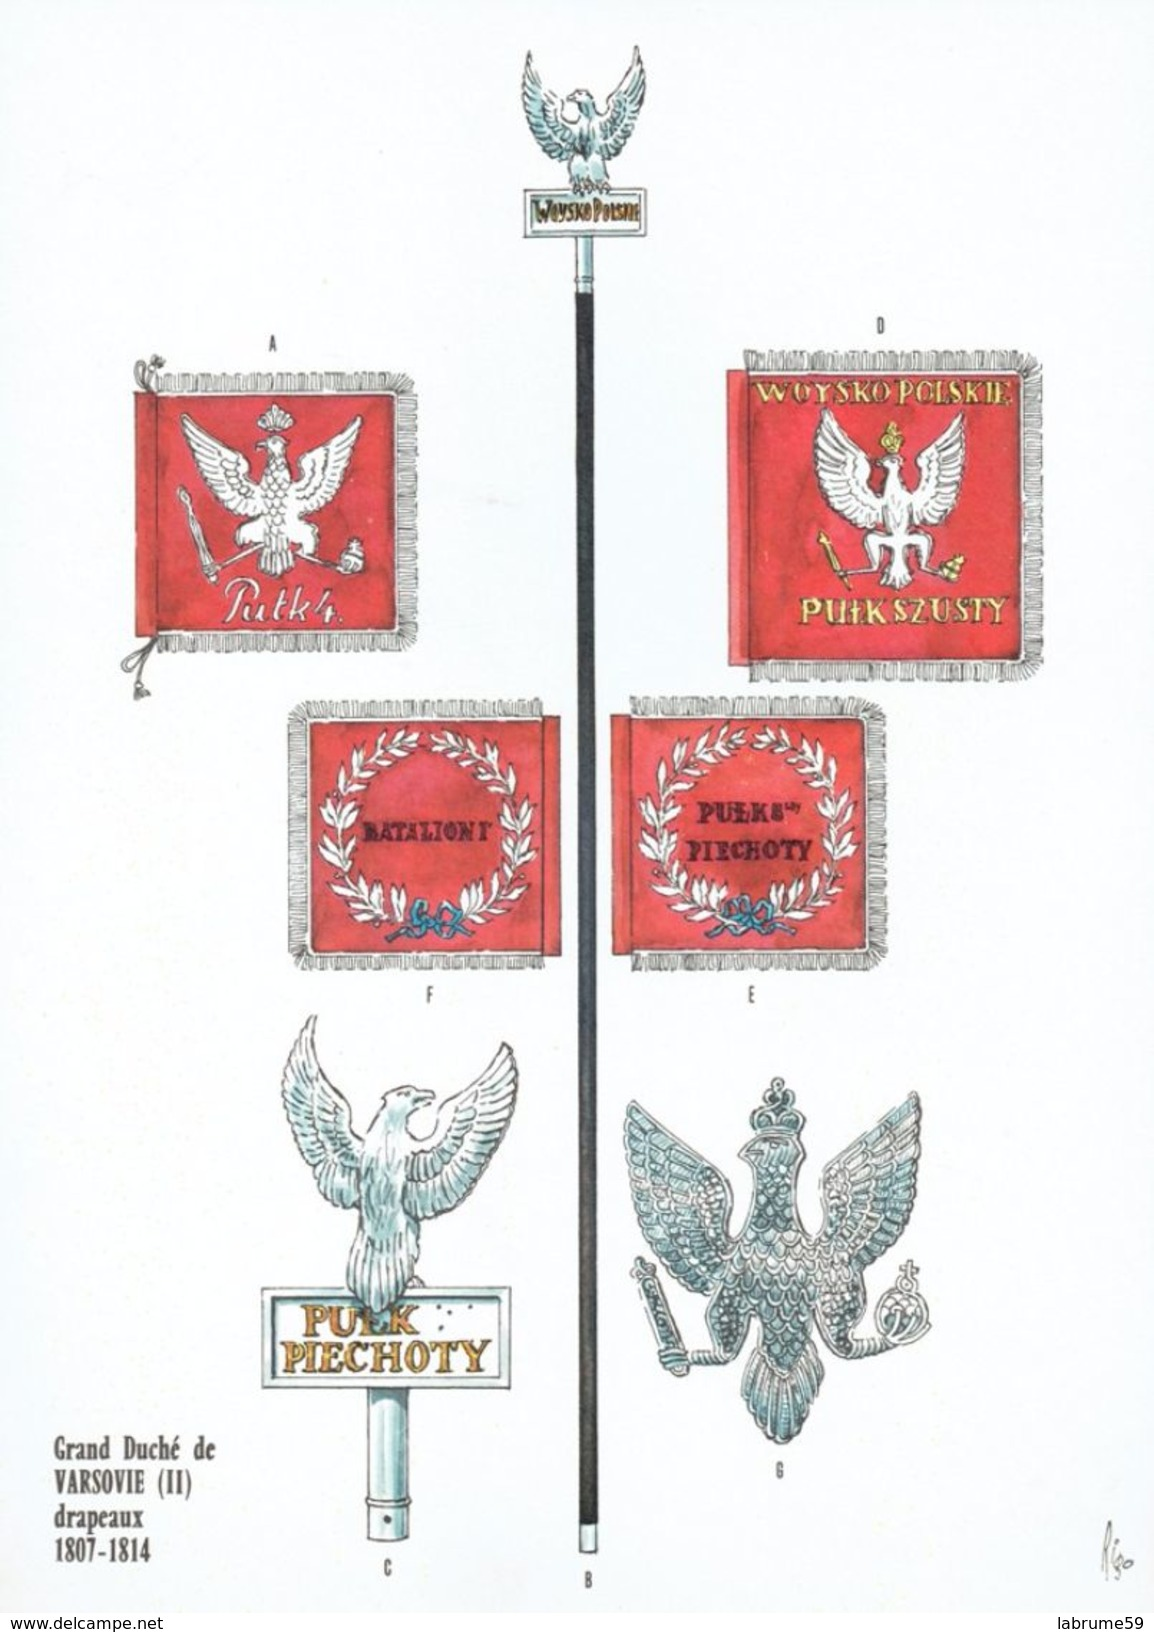 Planche Rigo - Le Plumet D5 Drapeaux - Grand Duché De Varsovie (2) 1807-1814 - Histoire